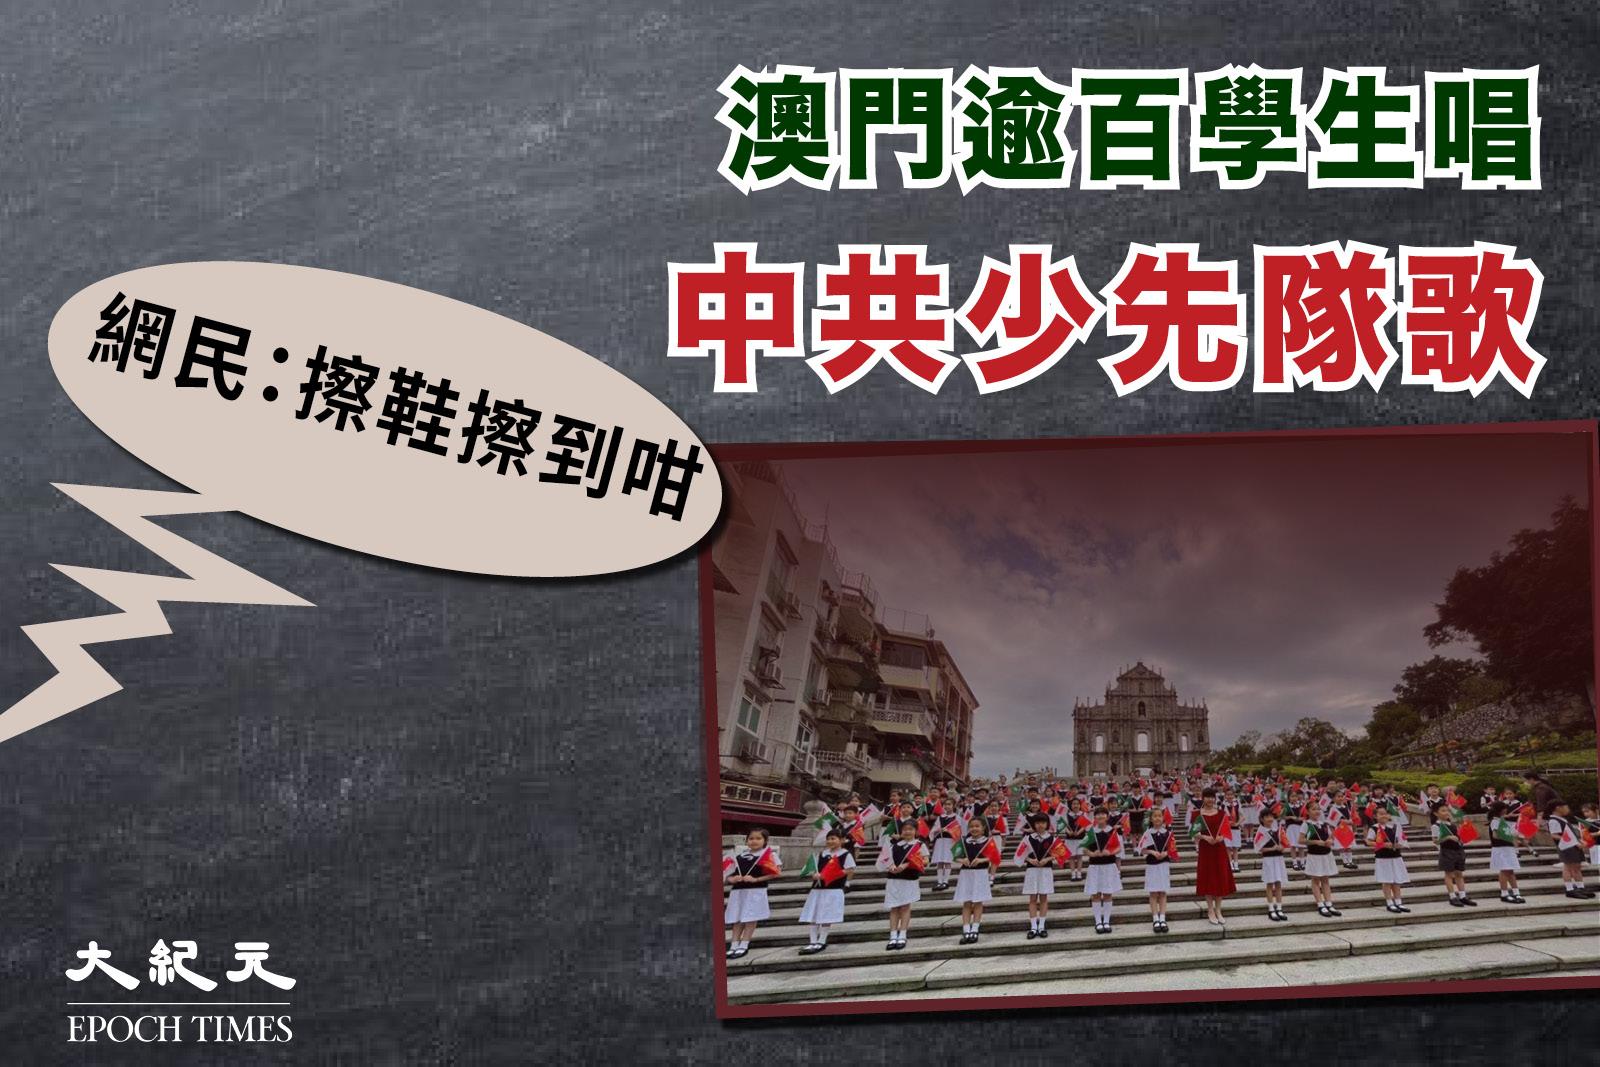 澳門培正中學學生在大三巴前大唱紅歌,錄製黨慶節目,被網民批評「擦鞋」。(澳門培正中學Facebook圖片/大紀元製圖)